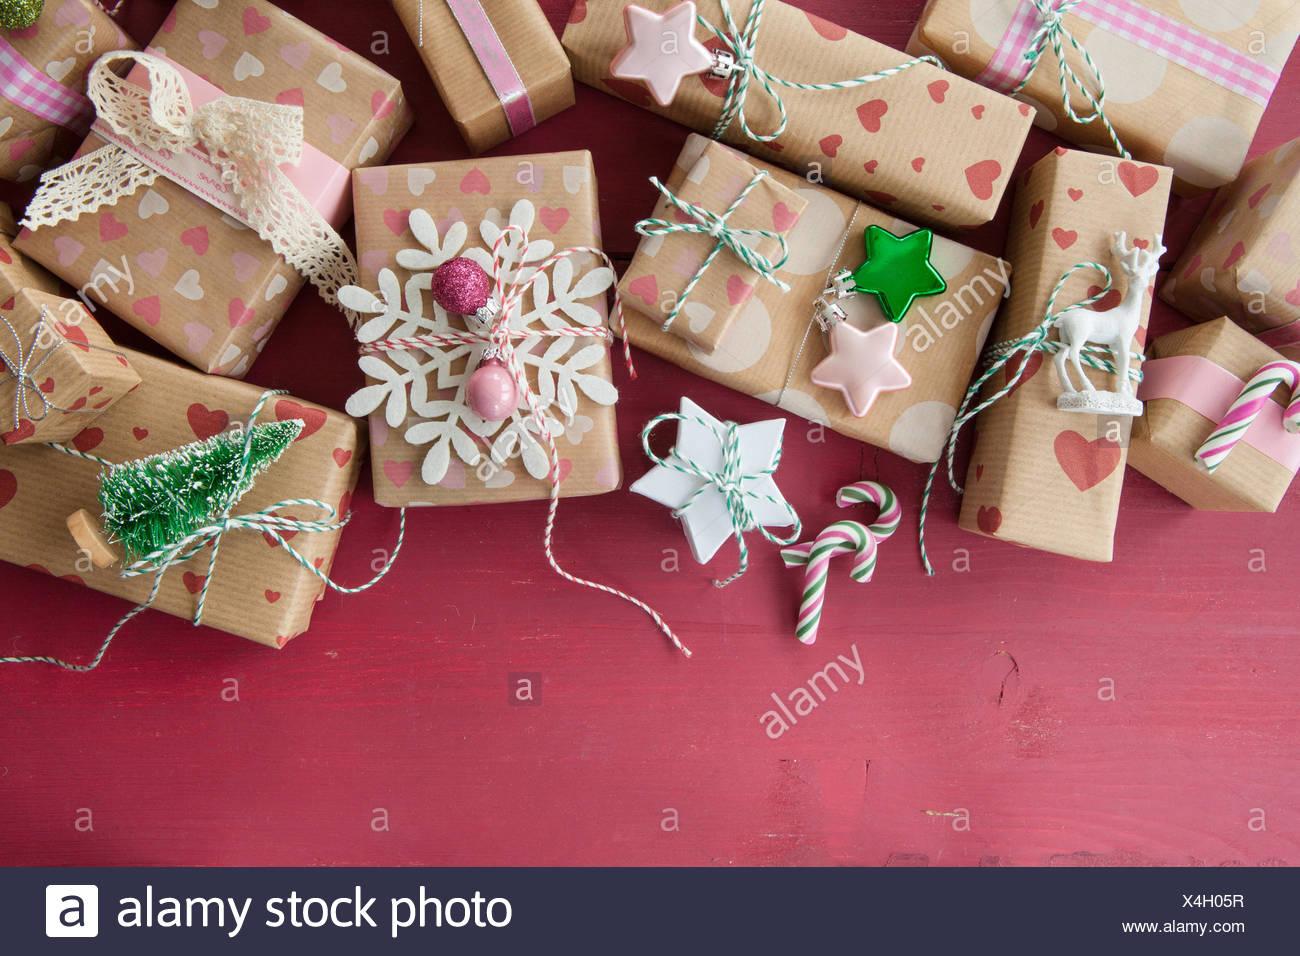 Kleine Geschenke Mit Dekoration Zu Weihnachten Stock Photo